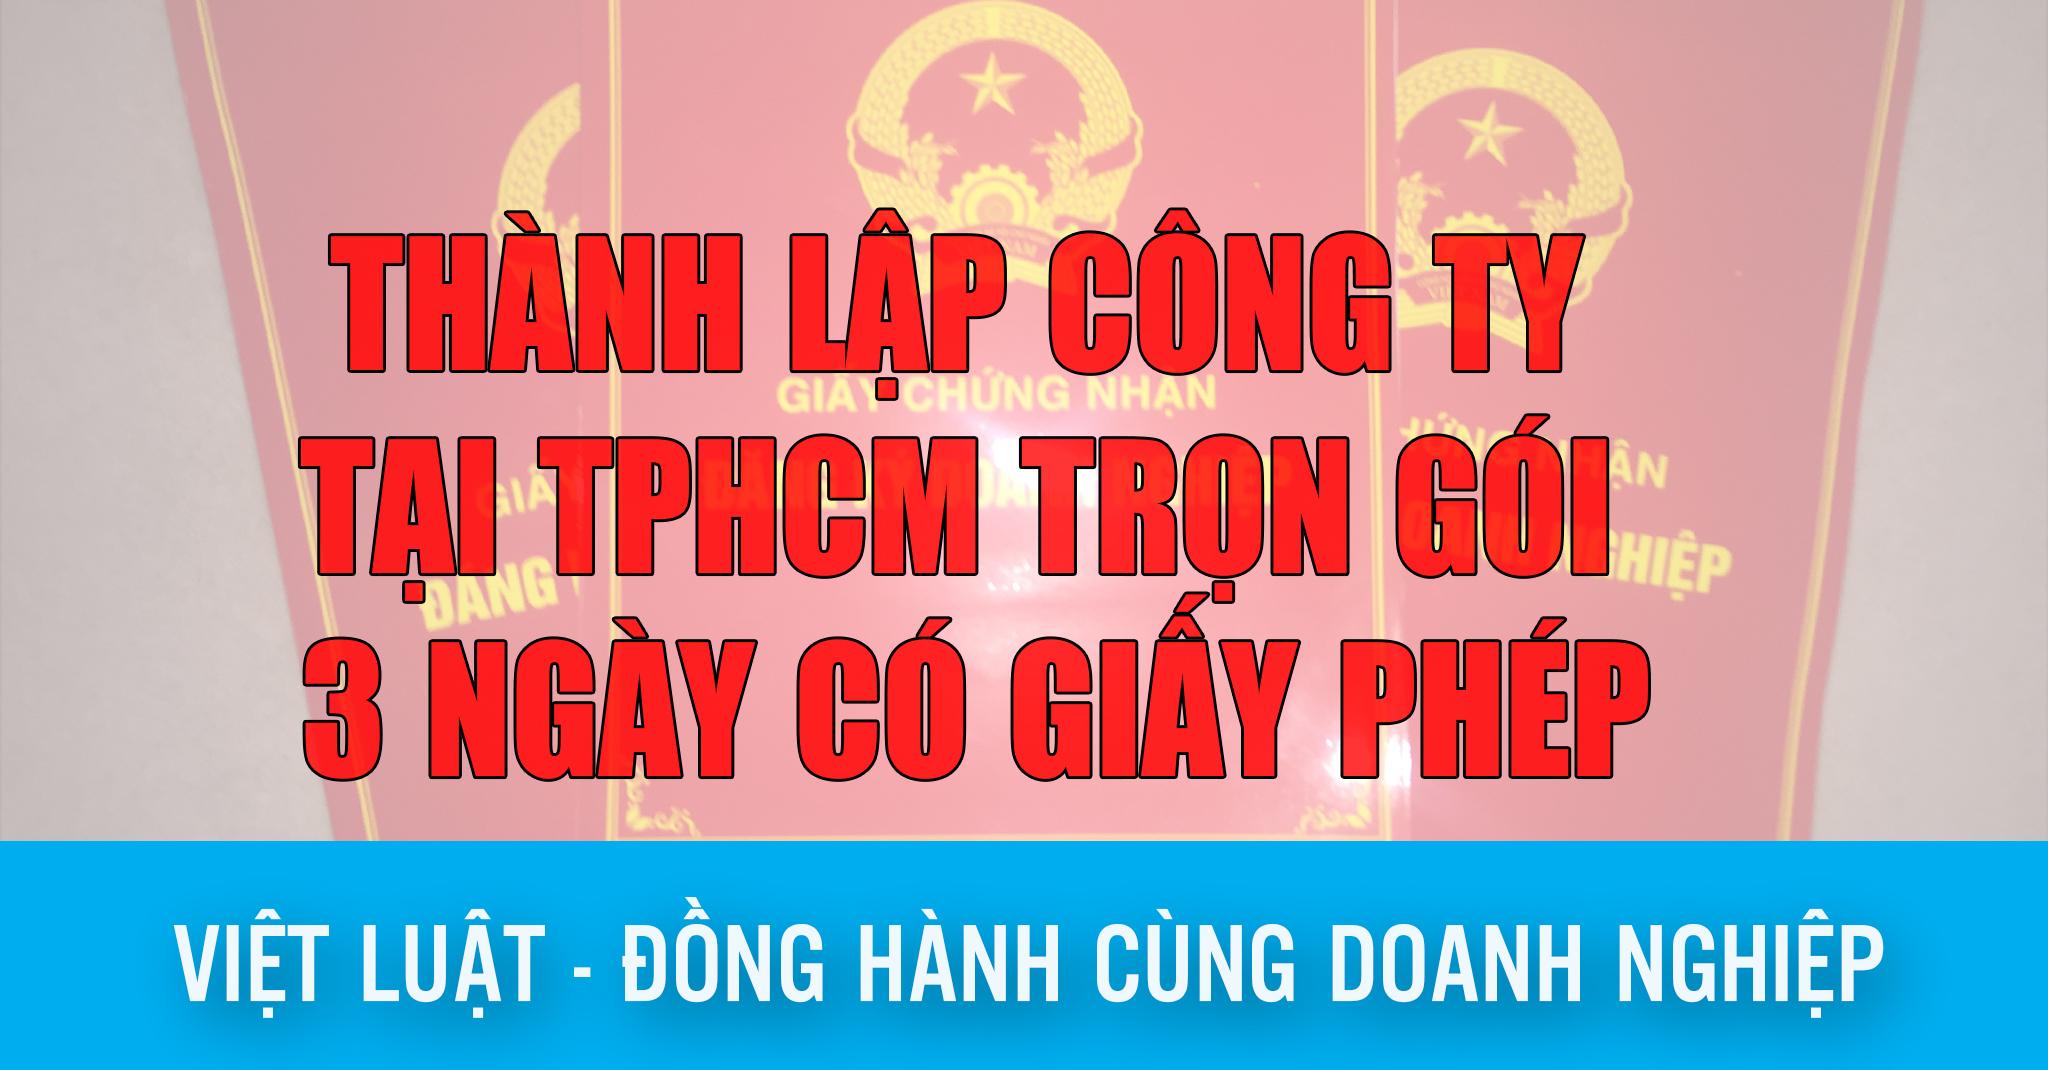 Thành lập công ty TPHCM trọn gói - 3 ngày có giấy phép